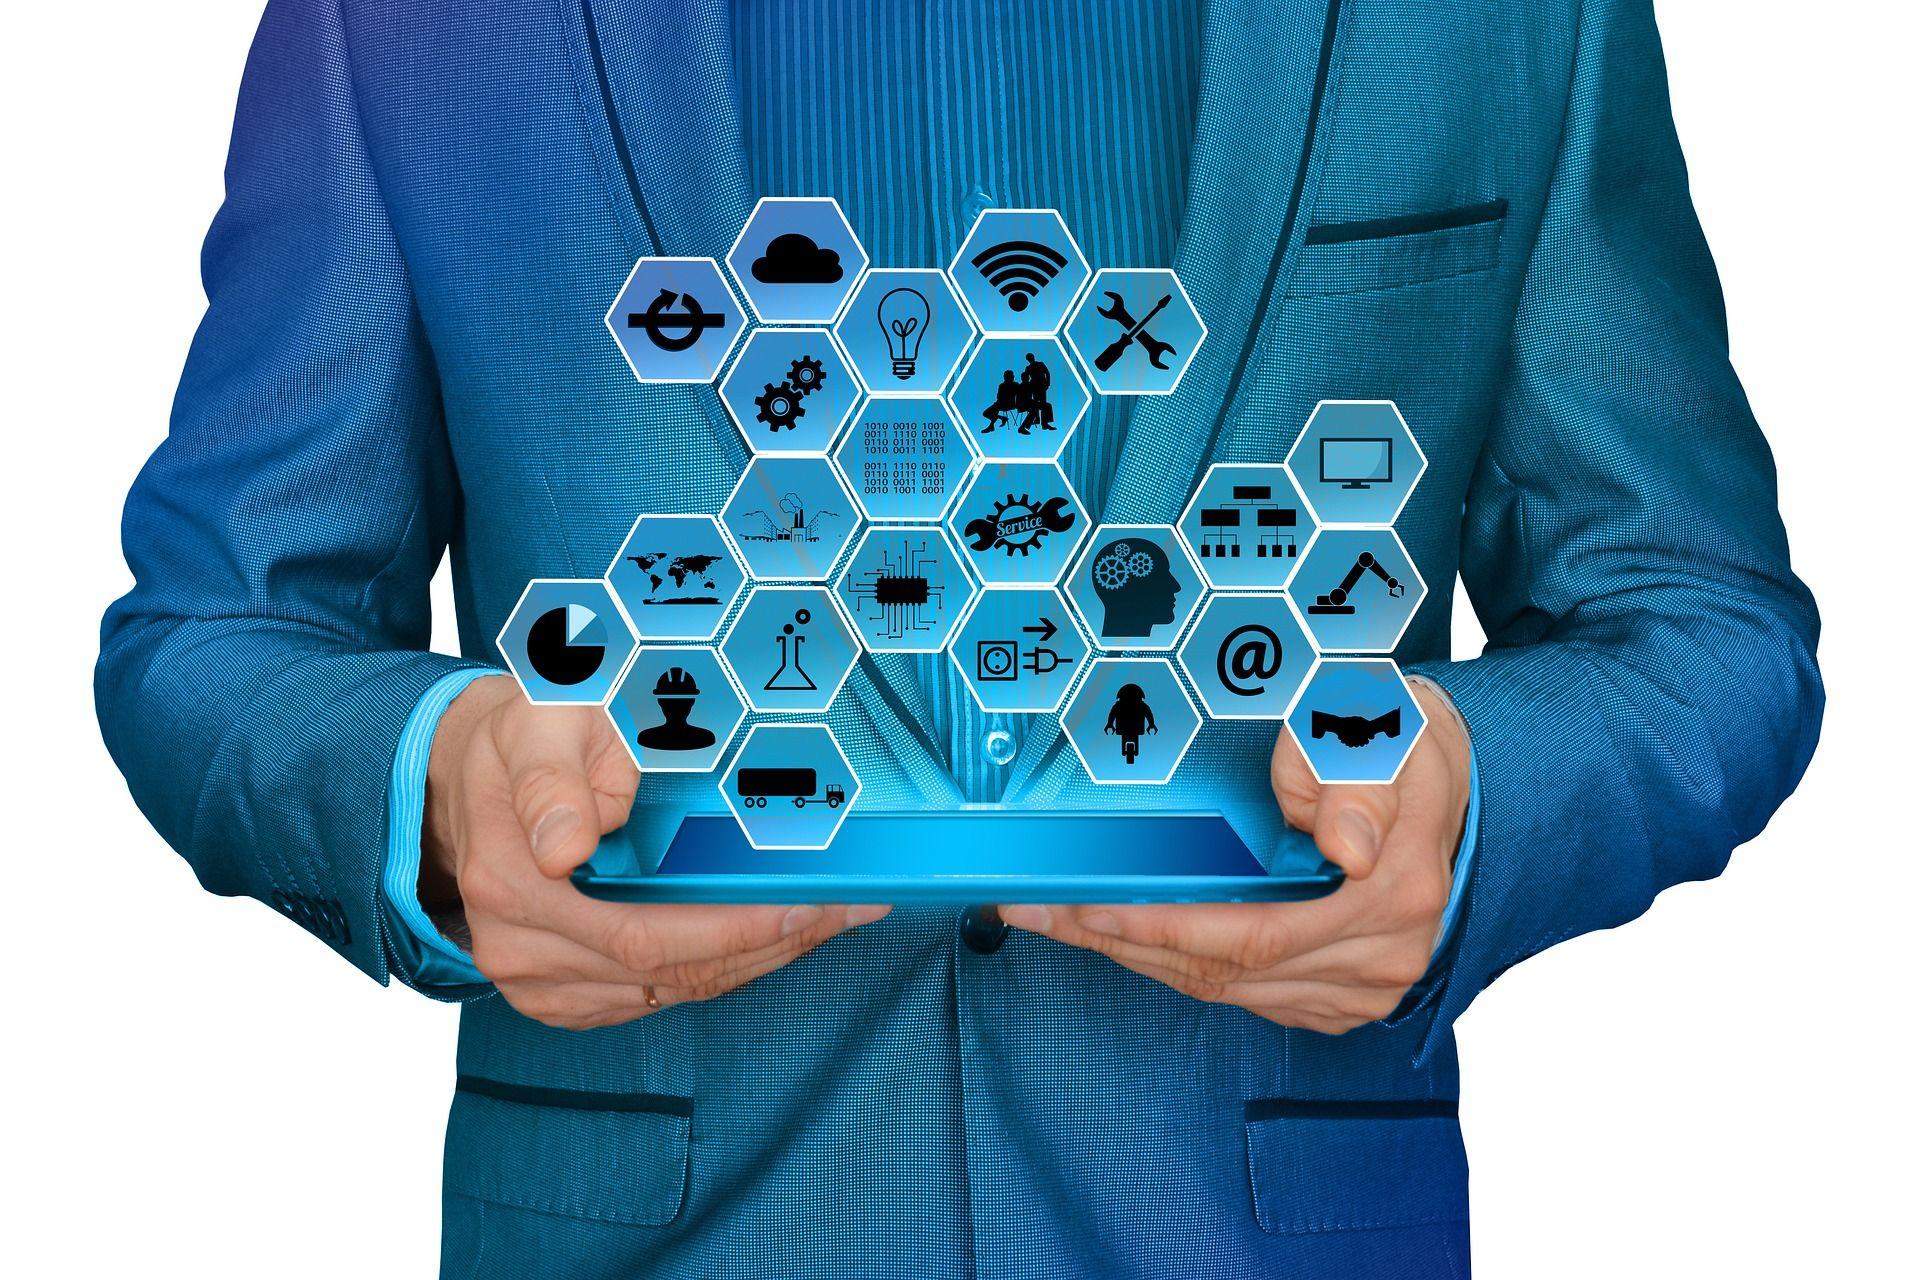 High Tech Tablet